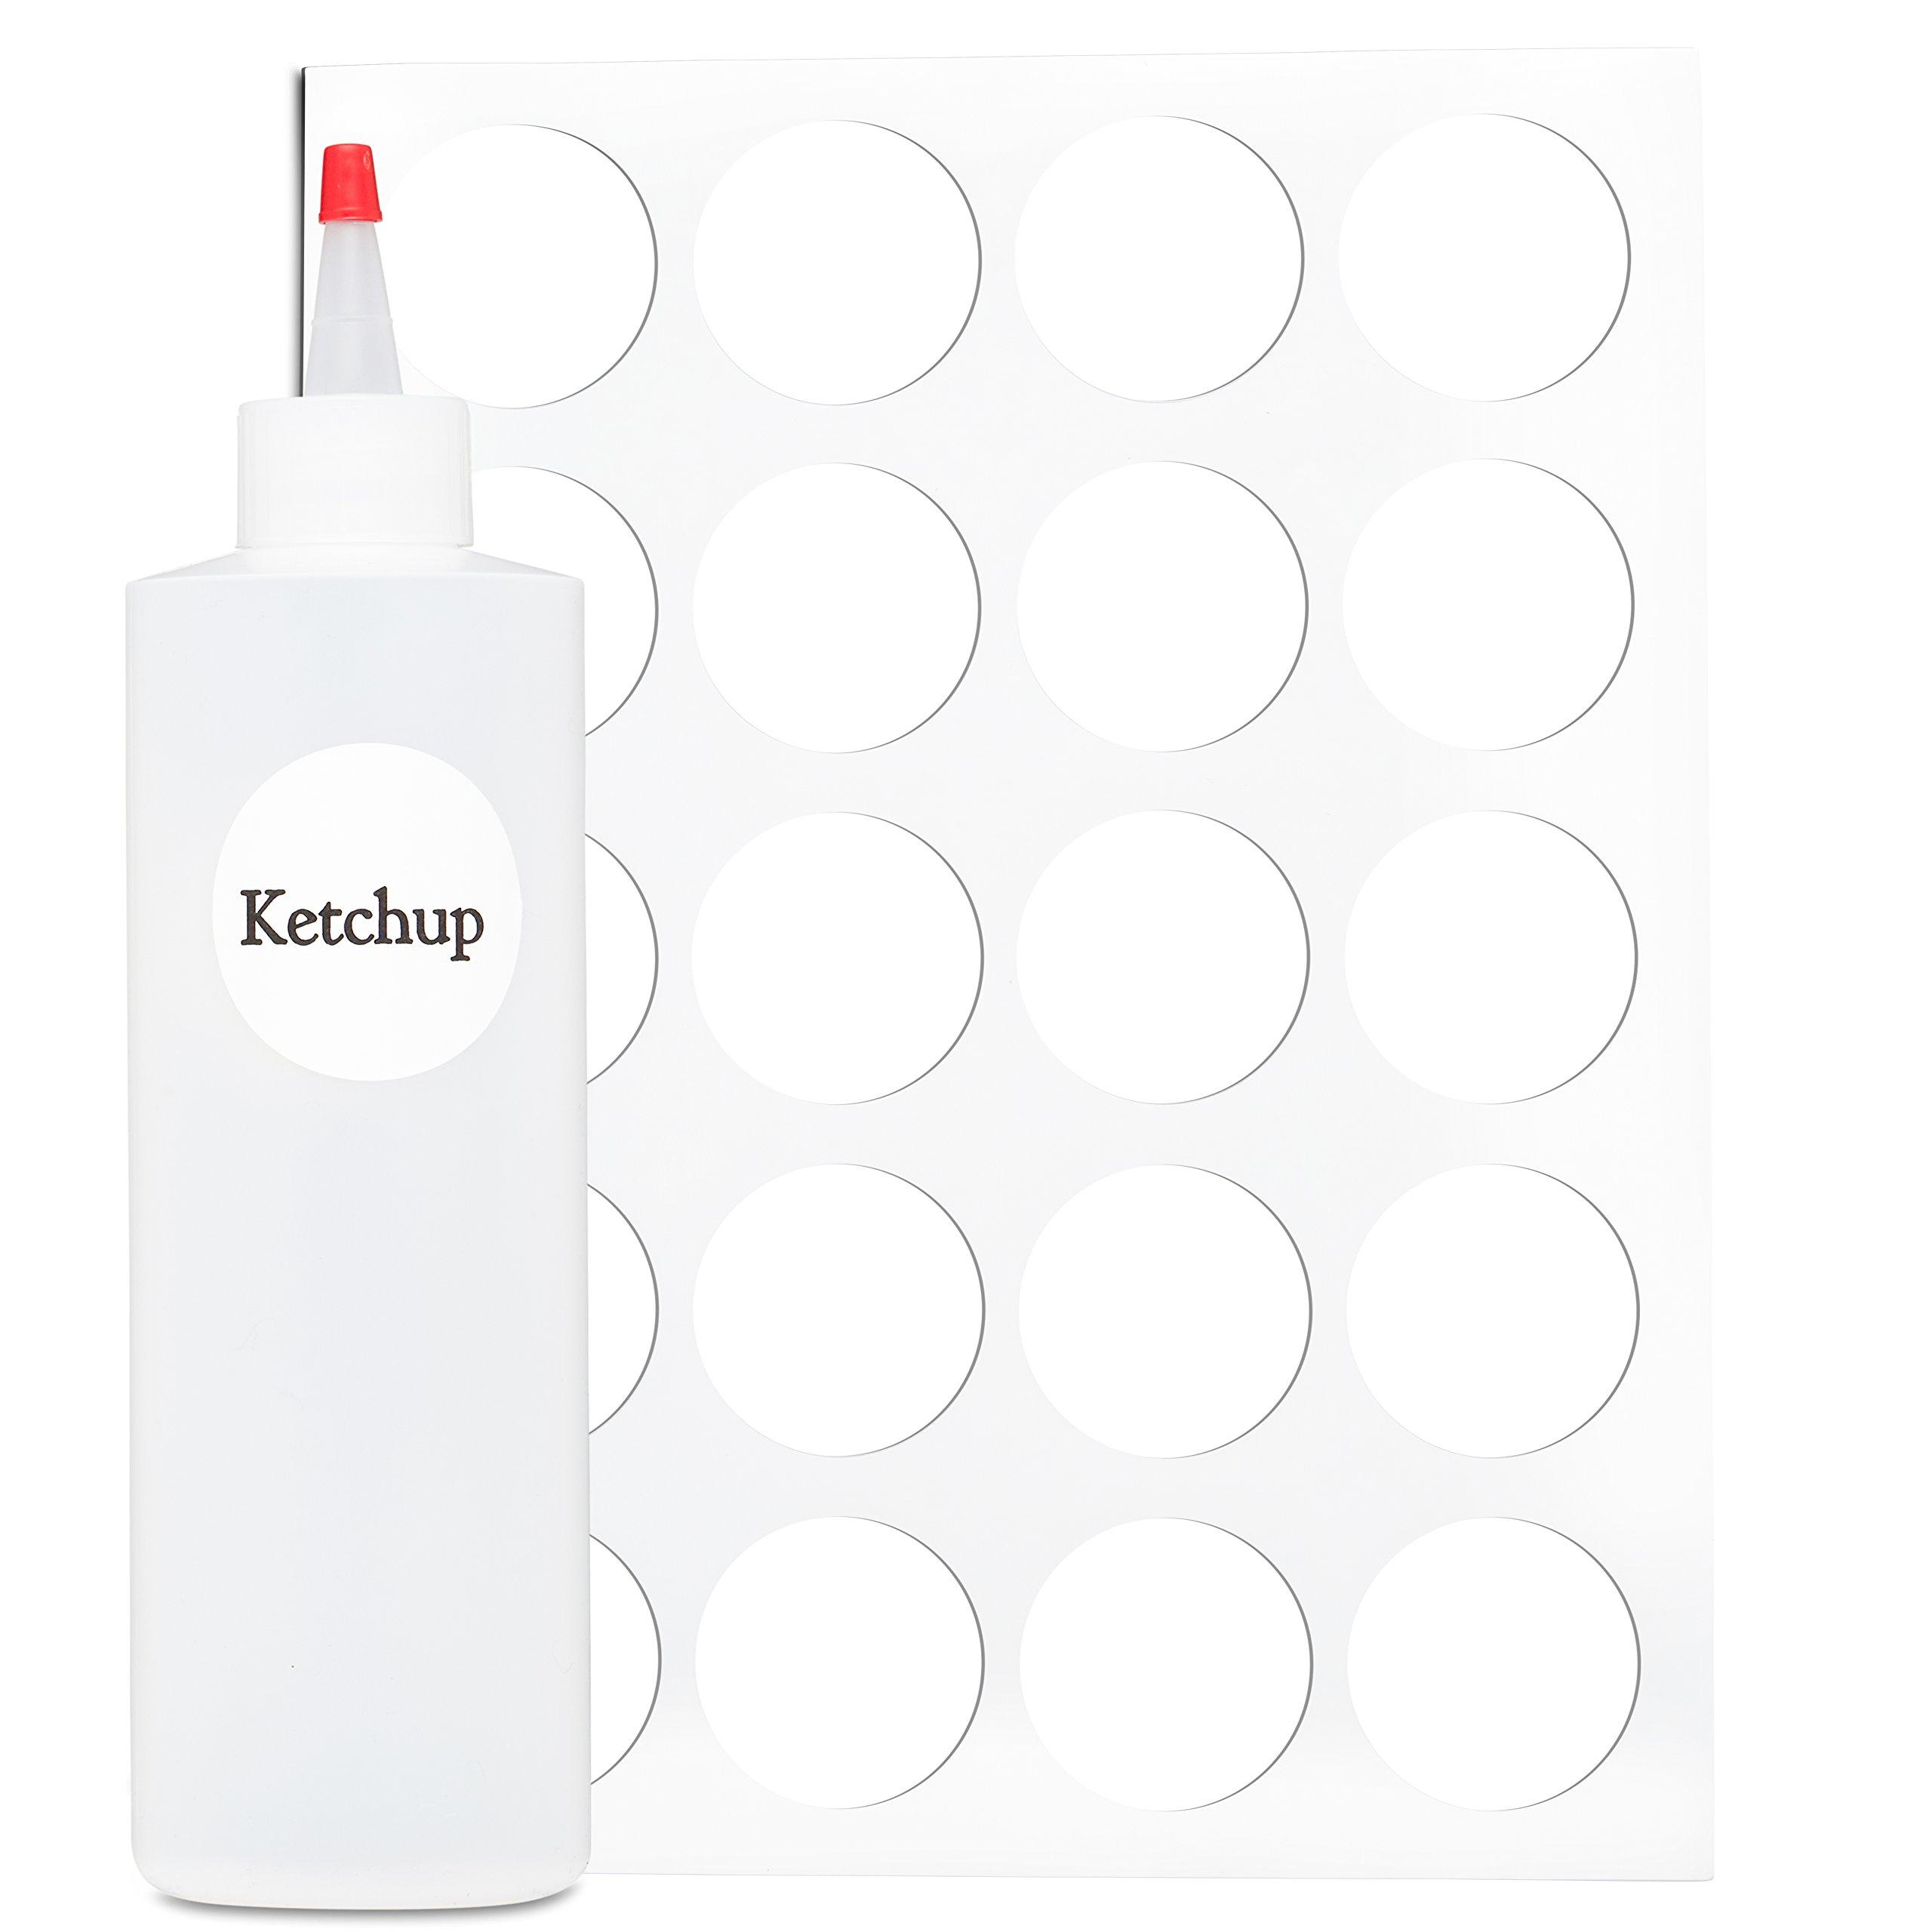 Buy Squeeze Bottle Labels - 40 Waterproof Blank Fifo Bottle